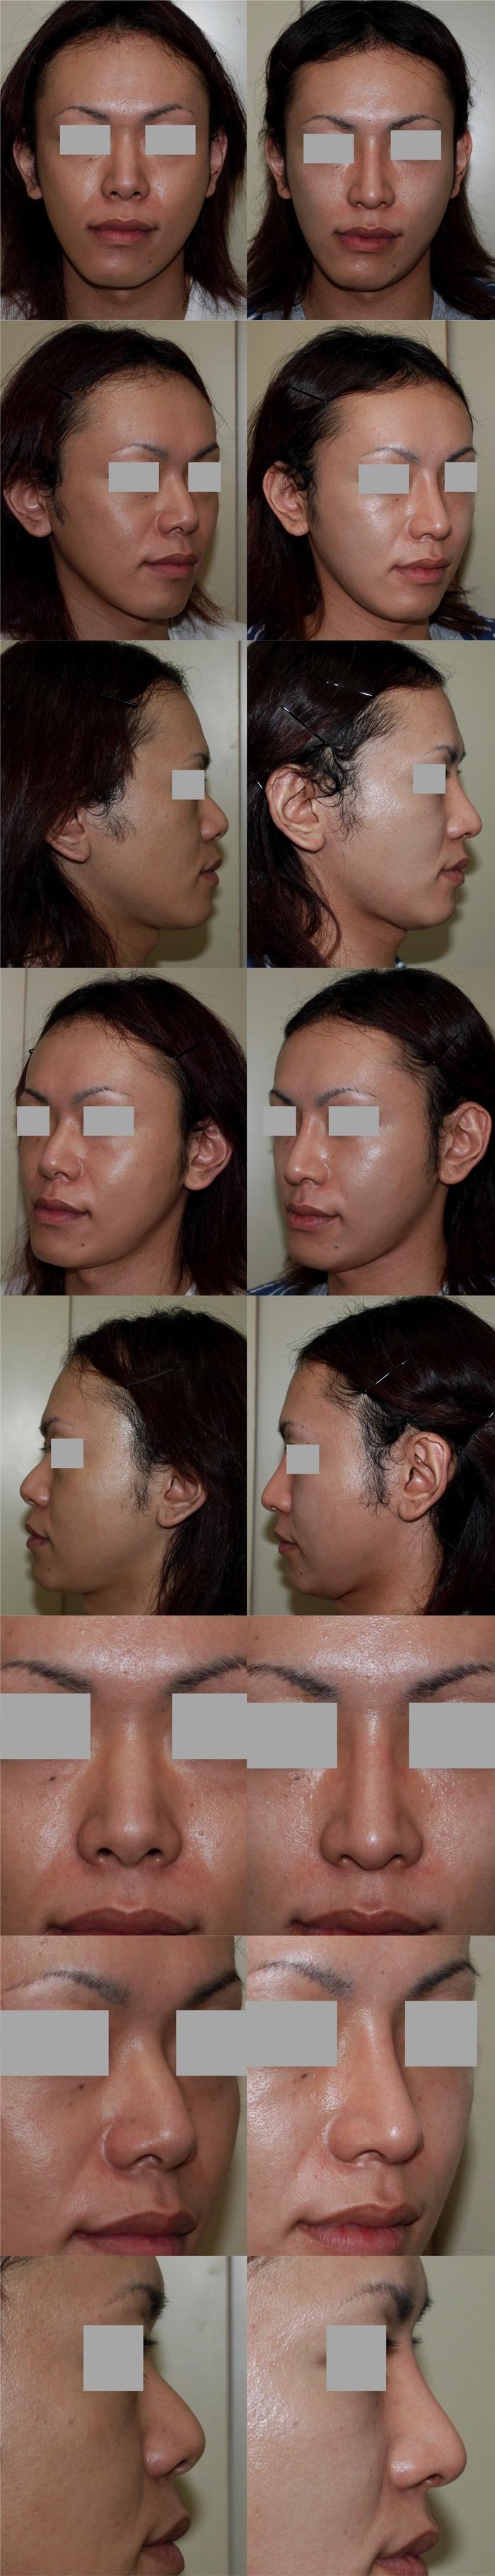 鼻中隔延長術 鼻骨骨切り術 隆鼻術